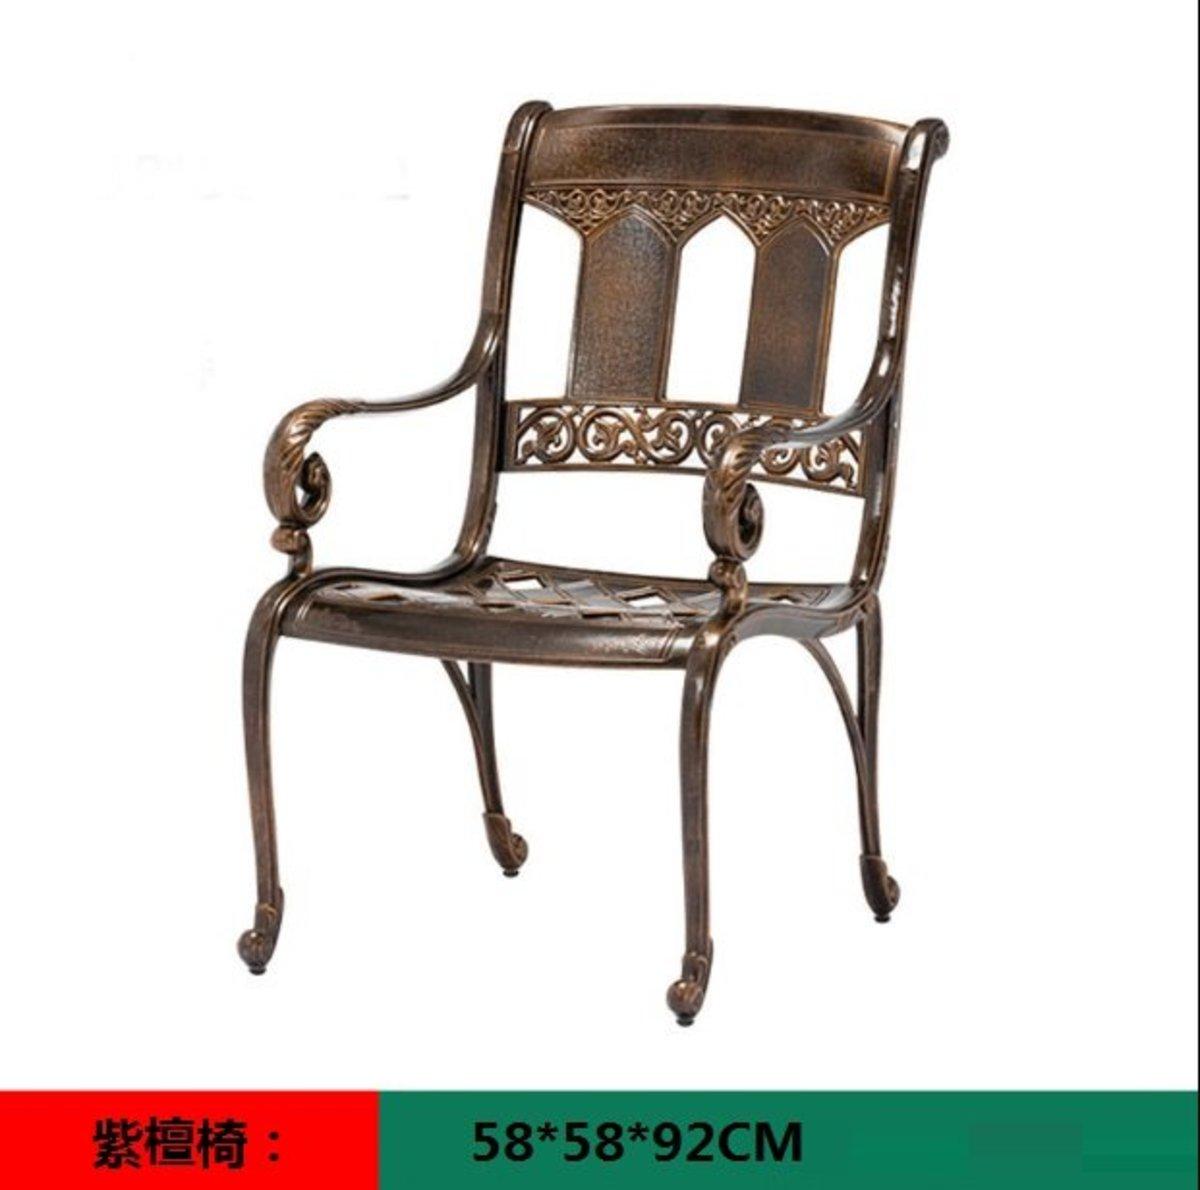 室外咖啡廳歐式餐桌椅(紫檀椅:58*58*92CM)